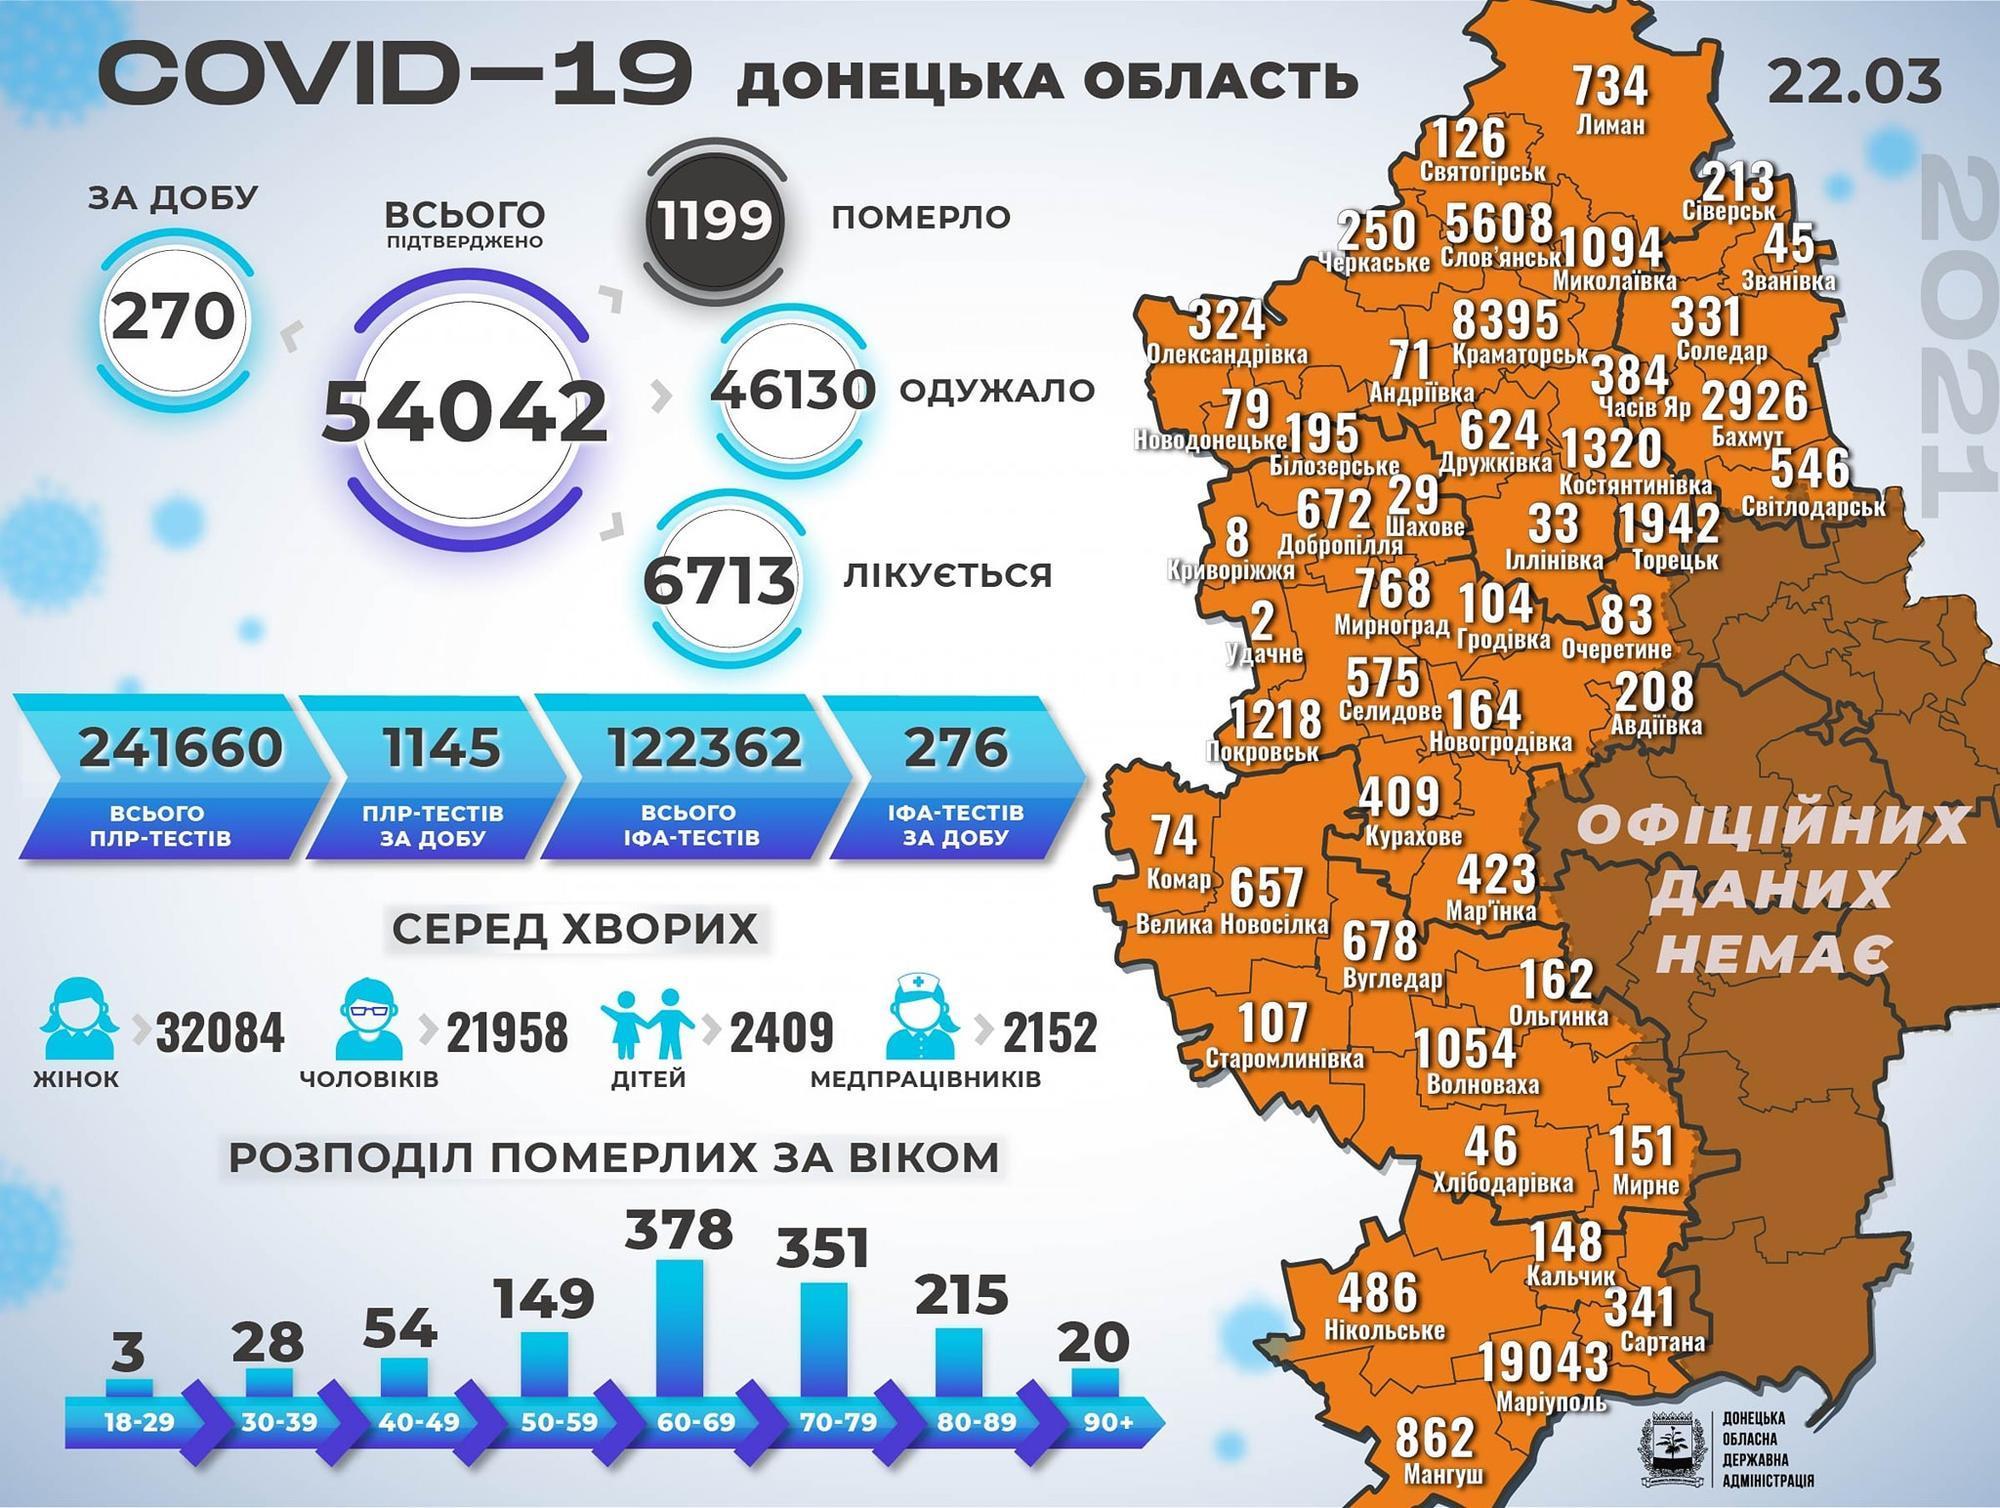 Коронавирус на Донетчине по состоянию на 23 марта